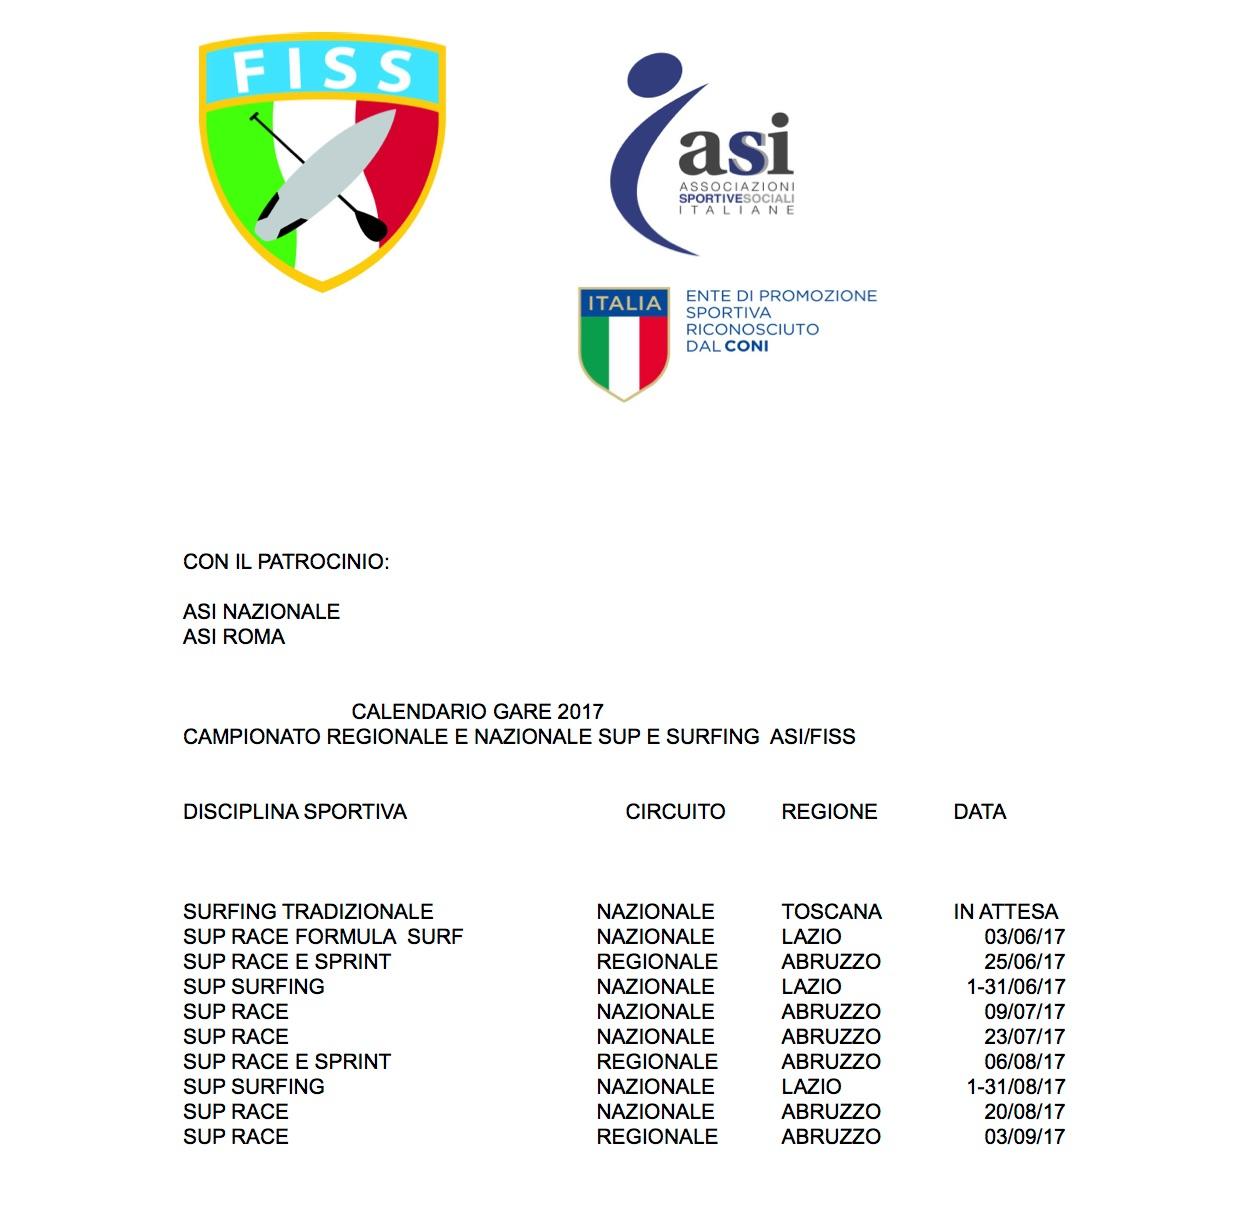 Calendario FISS